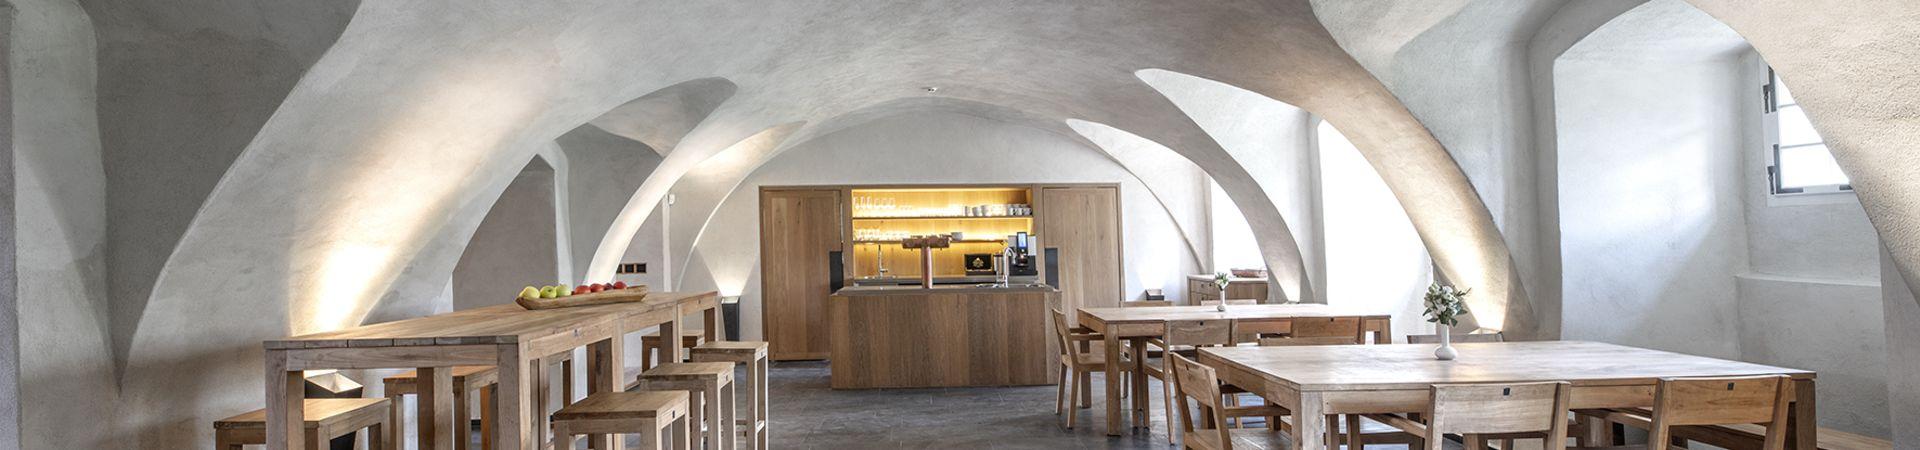 Zámek Mitrowicz - Stylová restaurace v přízemí